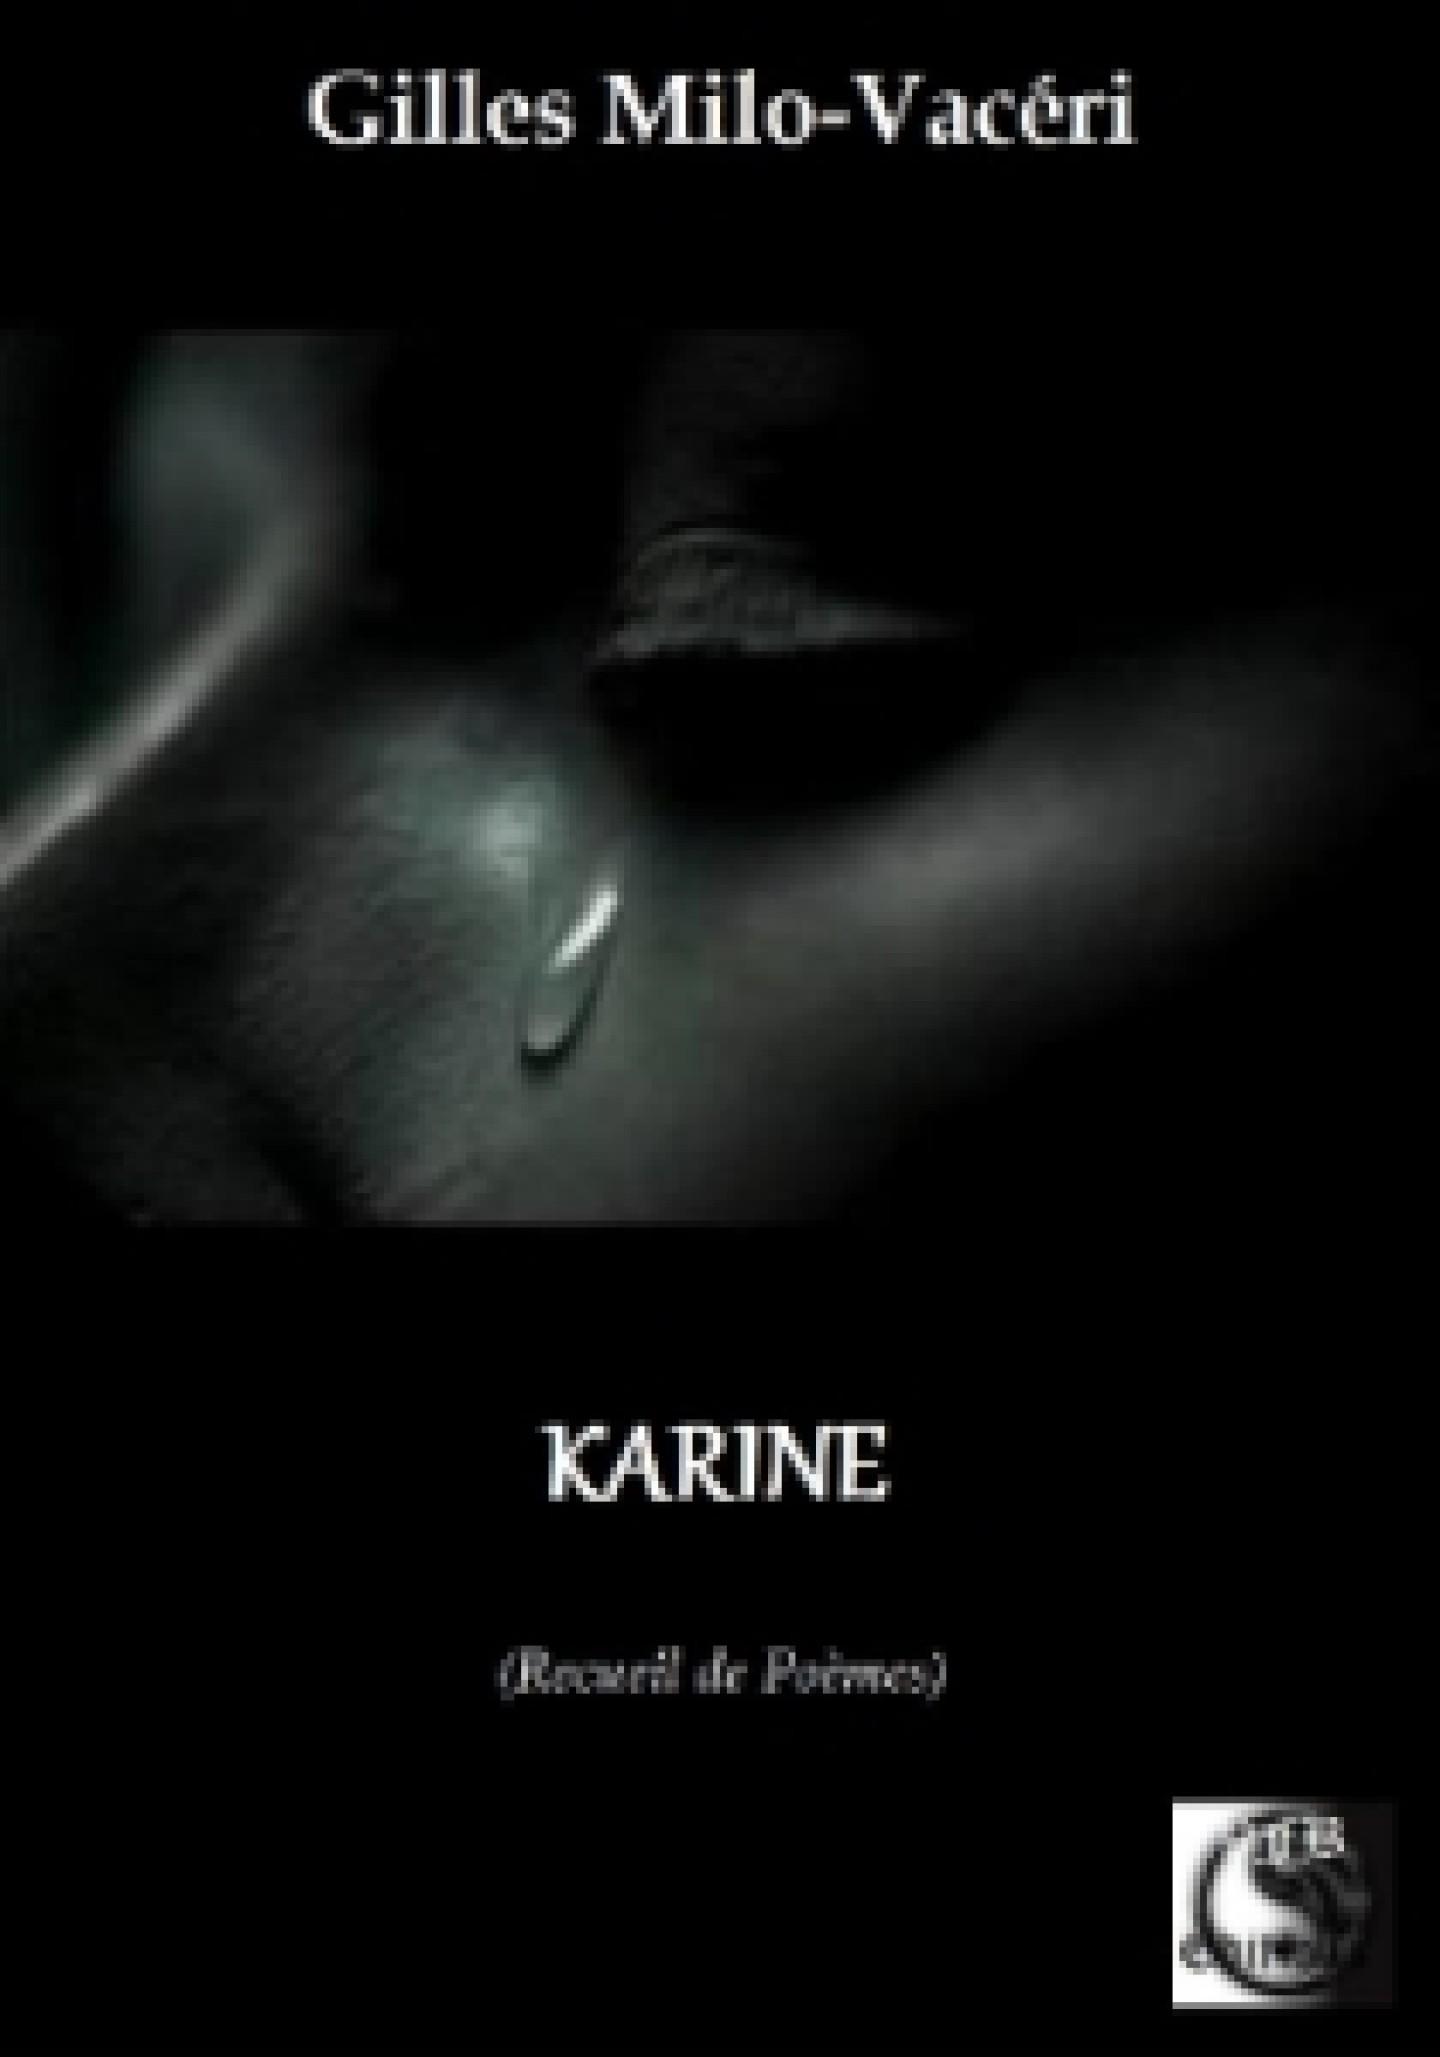 KARINE recueil poétique de Gilles Milo-Vacéri, publié chez VFB Éditions